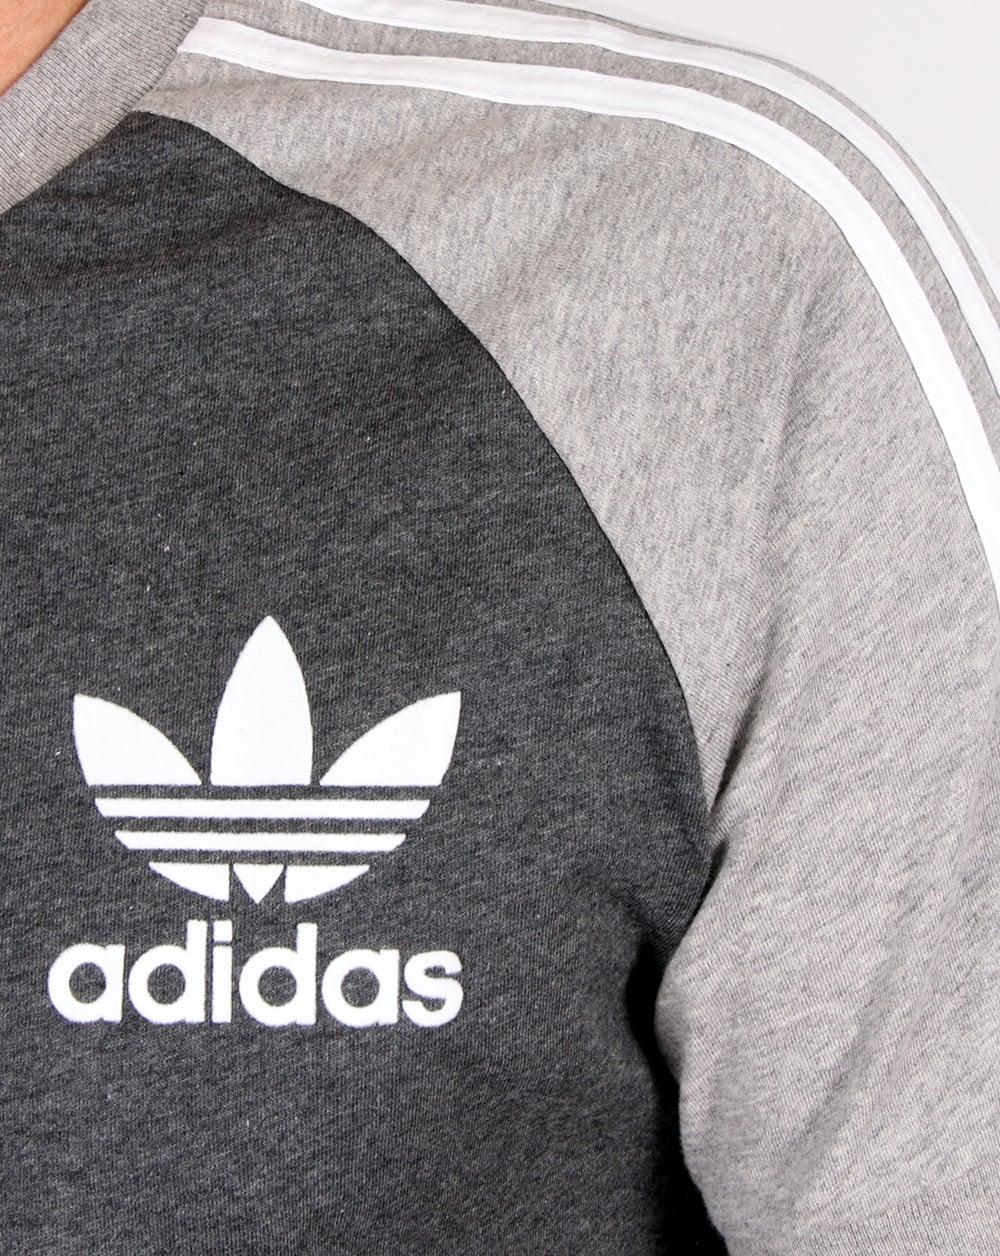 adidas retro 3 stripes t shirt